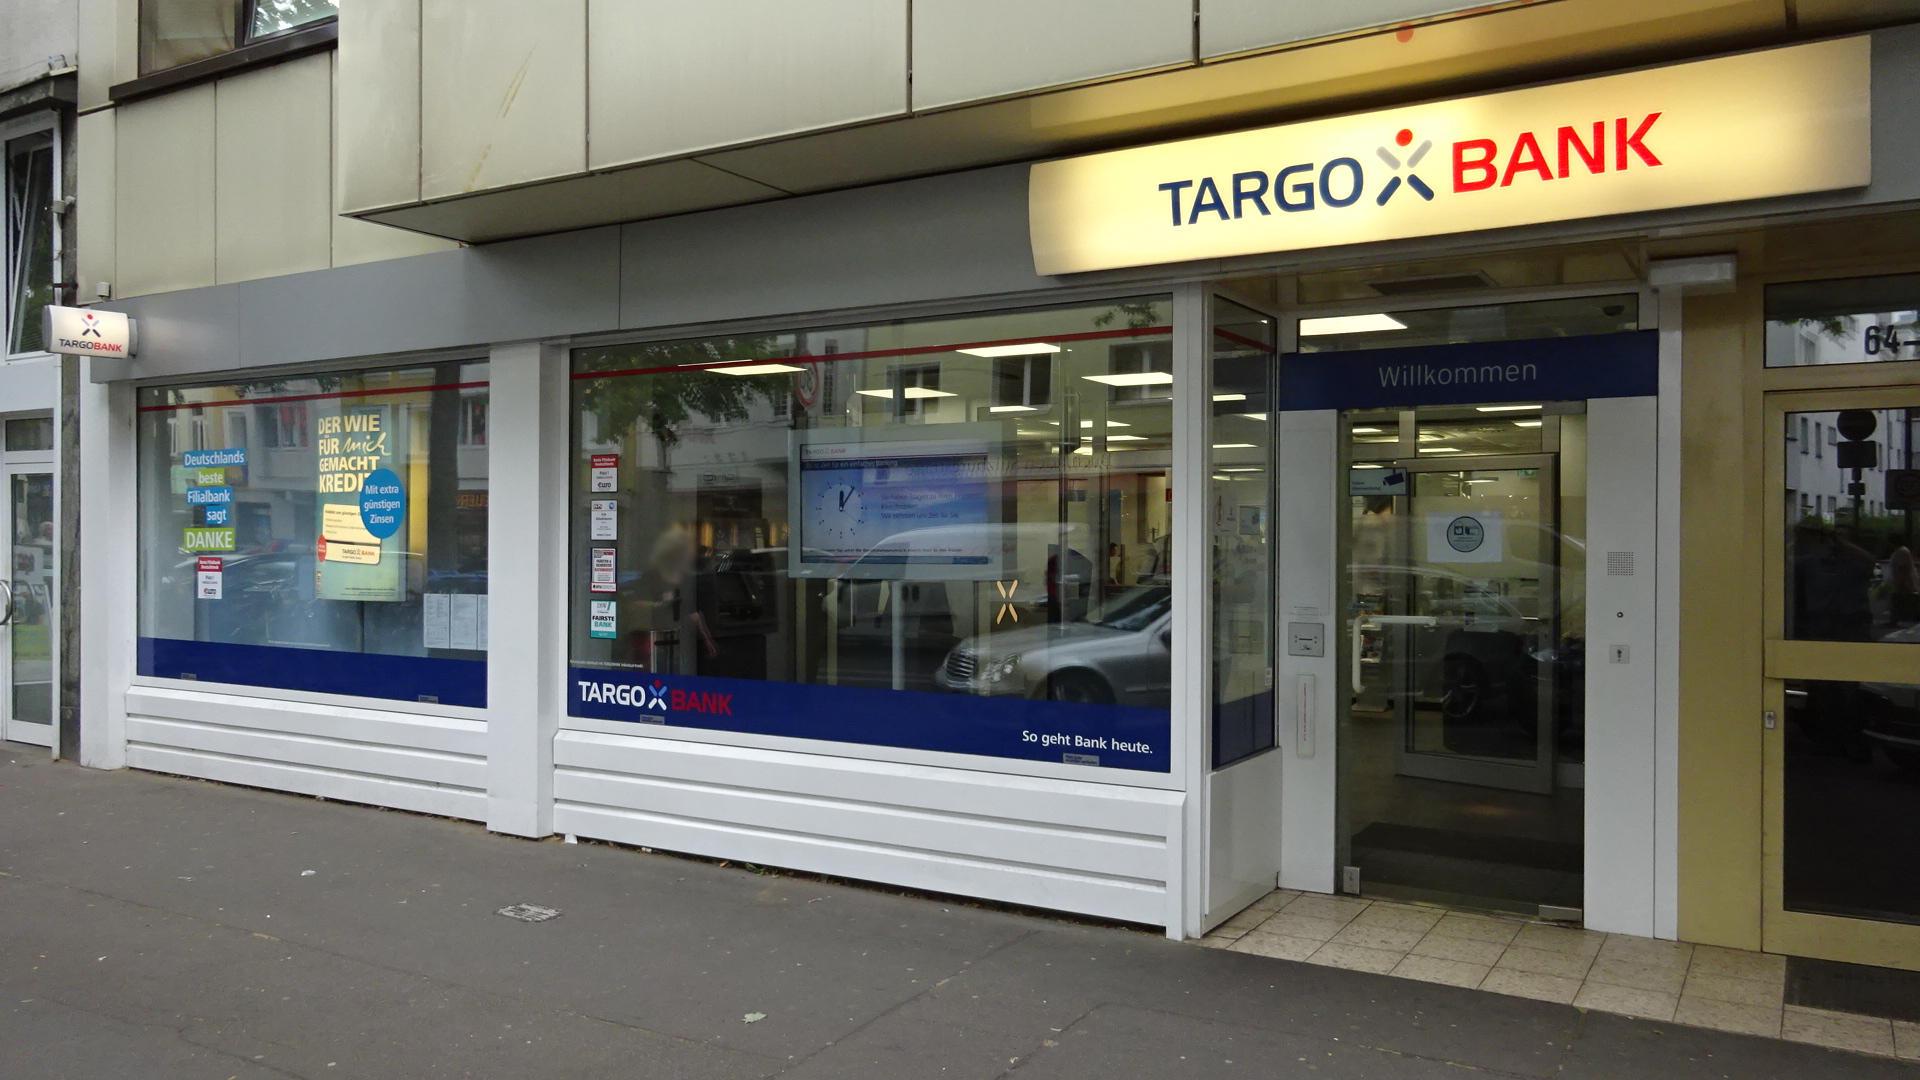 TARGOBANK, Sülzburgstraße 64 in Köln